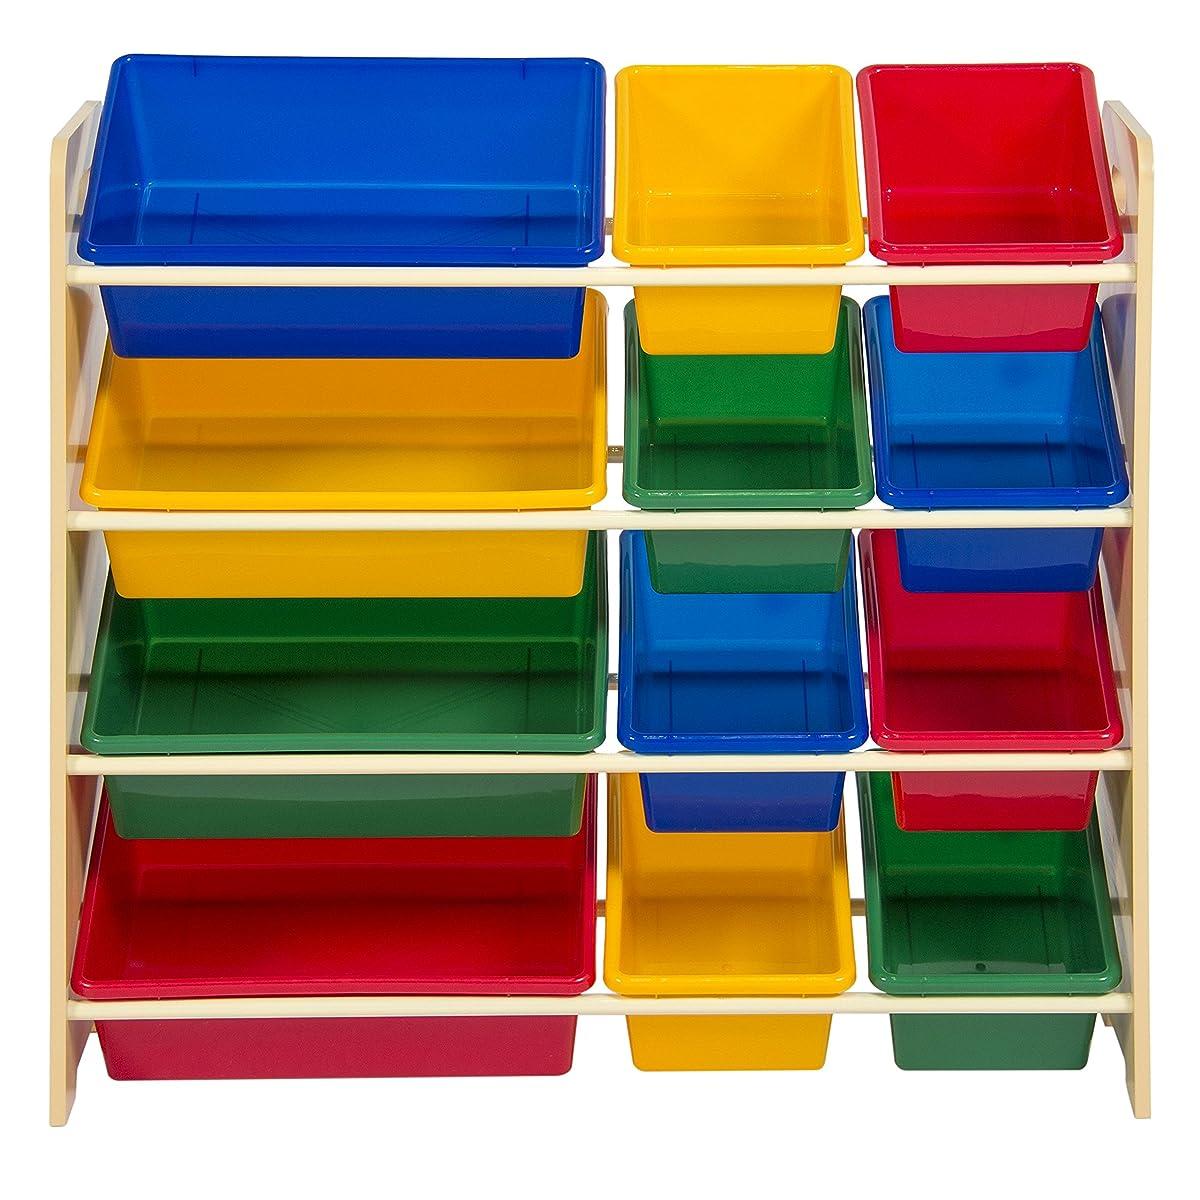 Best Choice Products Toy Bin Organizer Kids Childrens